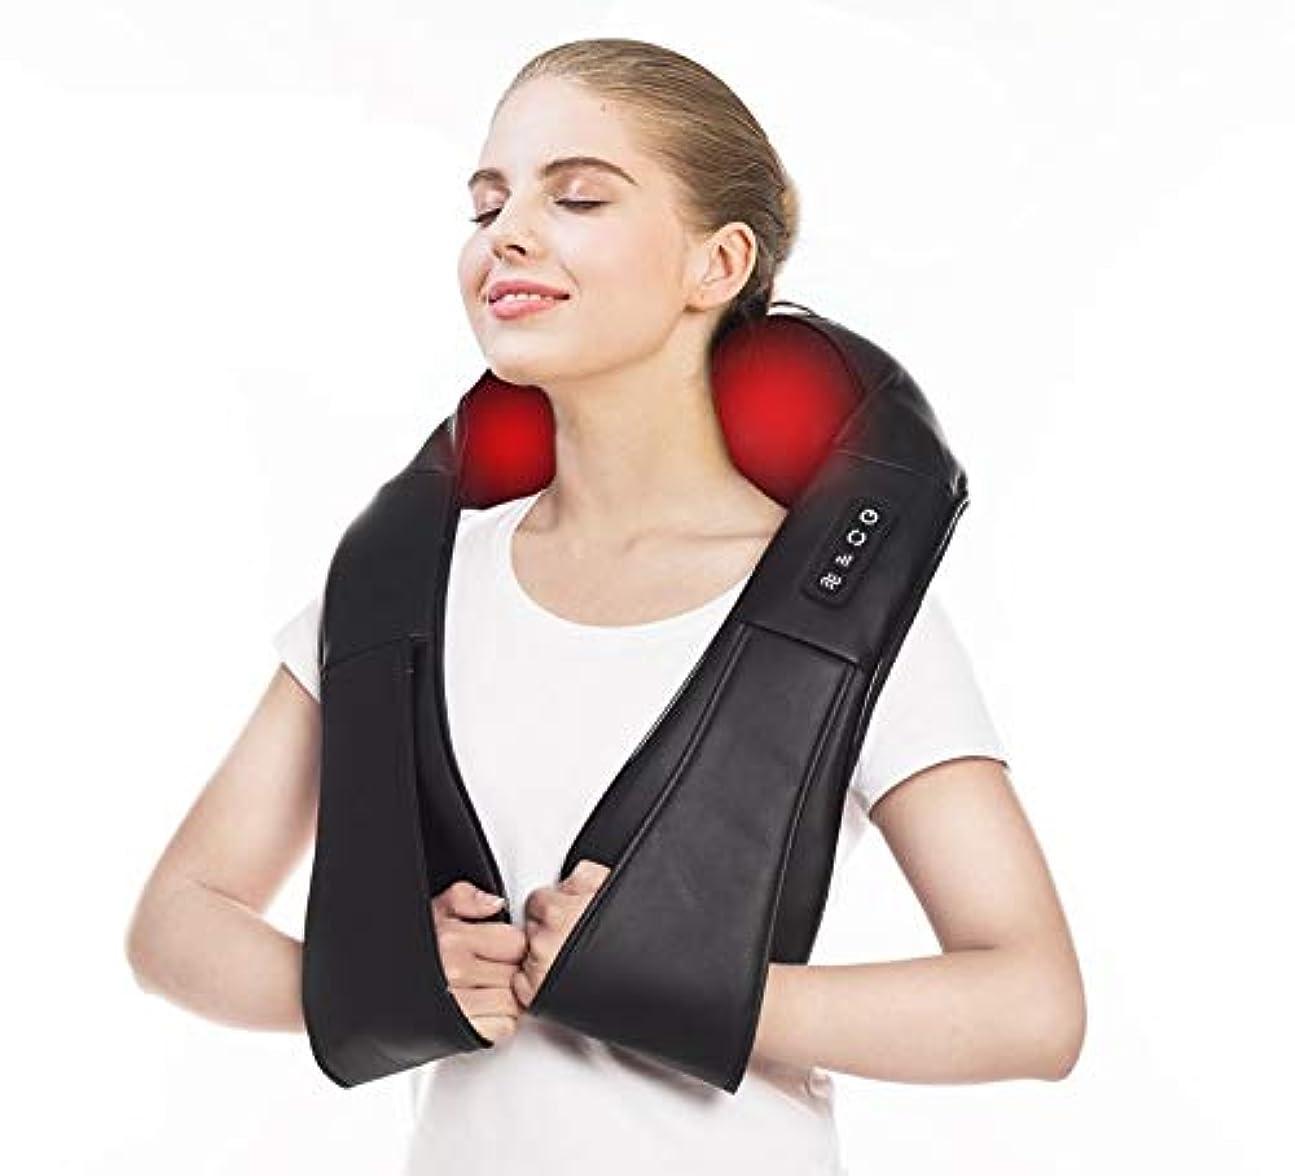 できればステンレス影響する首マッサージャー  ネック?ショルダーマッサージ 器 静音 マッサージ機 肩 首 首 マッサージ ヒーター付 首?肩?腰?背中?太もも 肩こり ストレス解消  携帯、車や家庭での使用